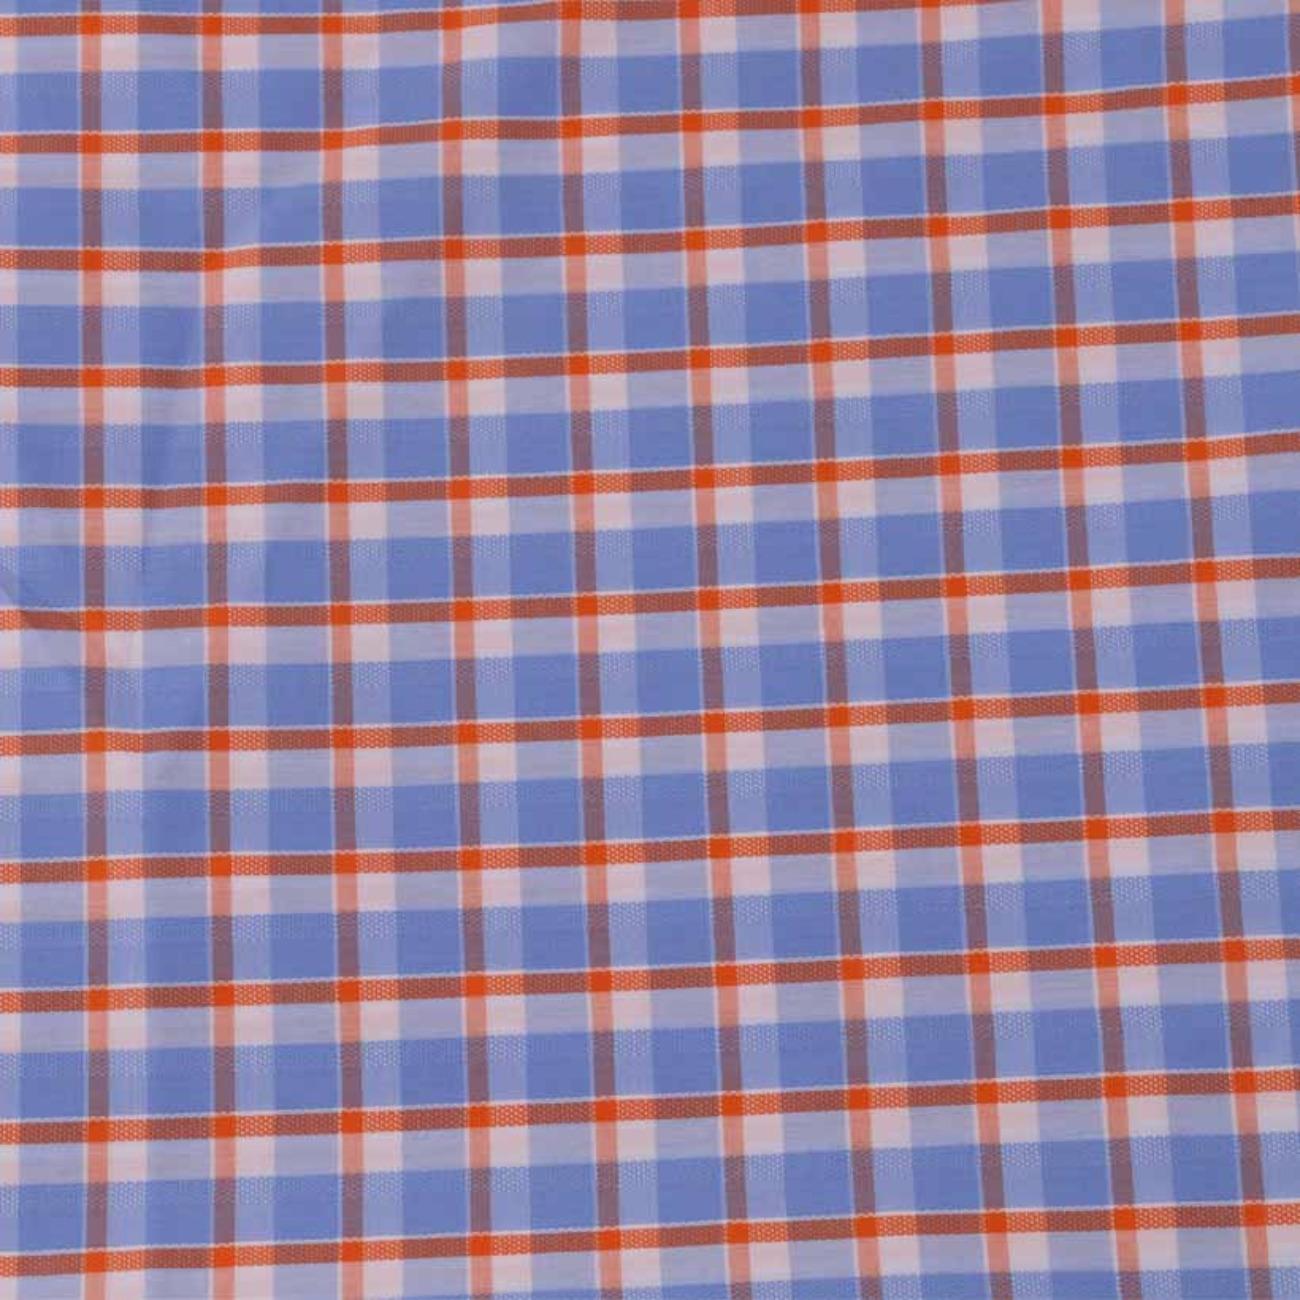 现货格子梭织色织 低弹休闲时尚风格 衬衫 连衣裙 短裙 棉感 60929-42